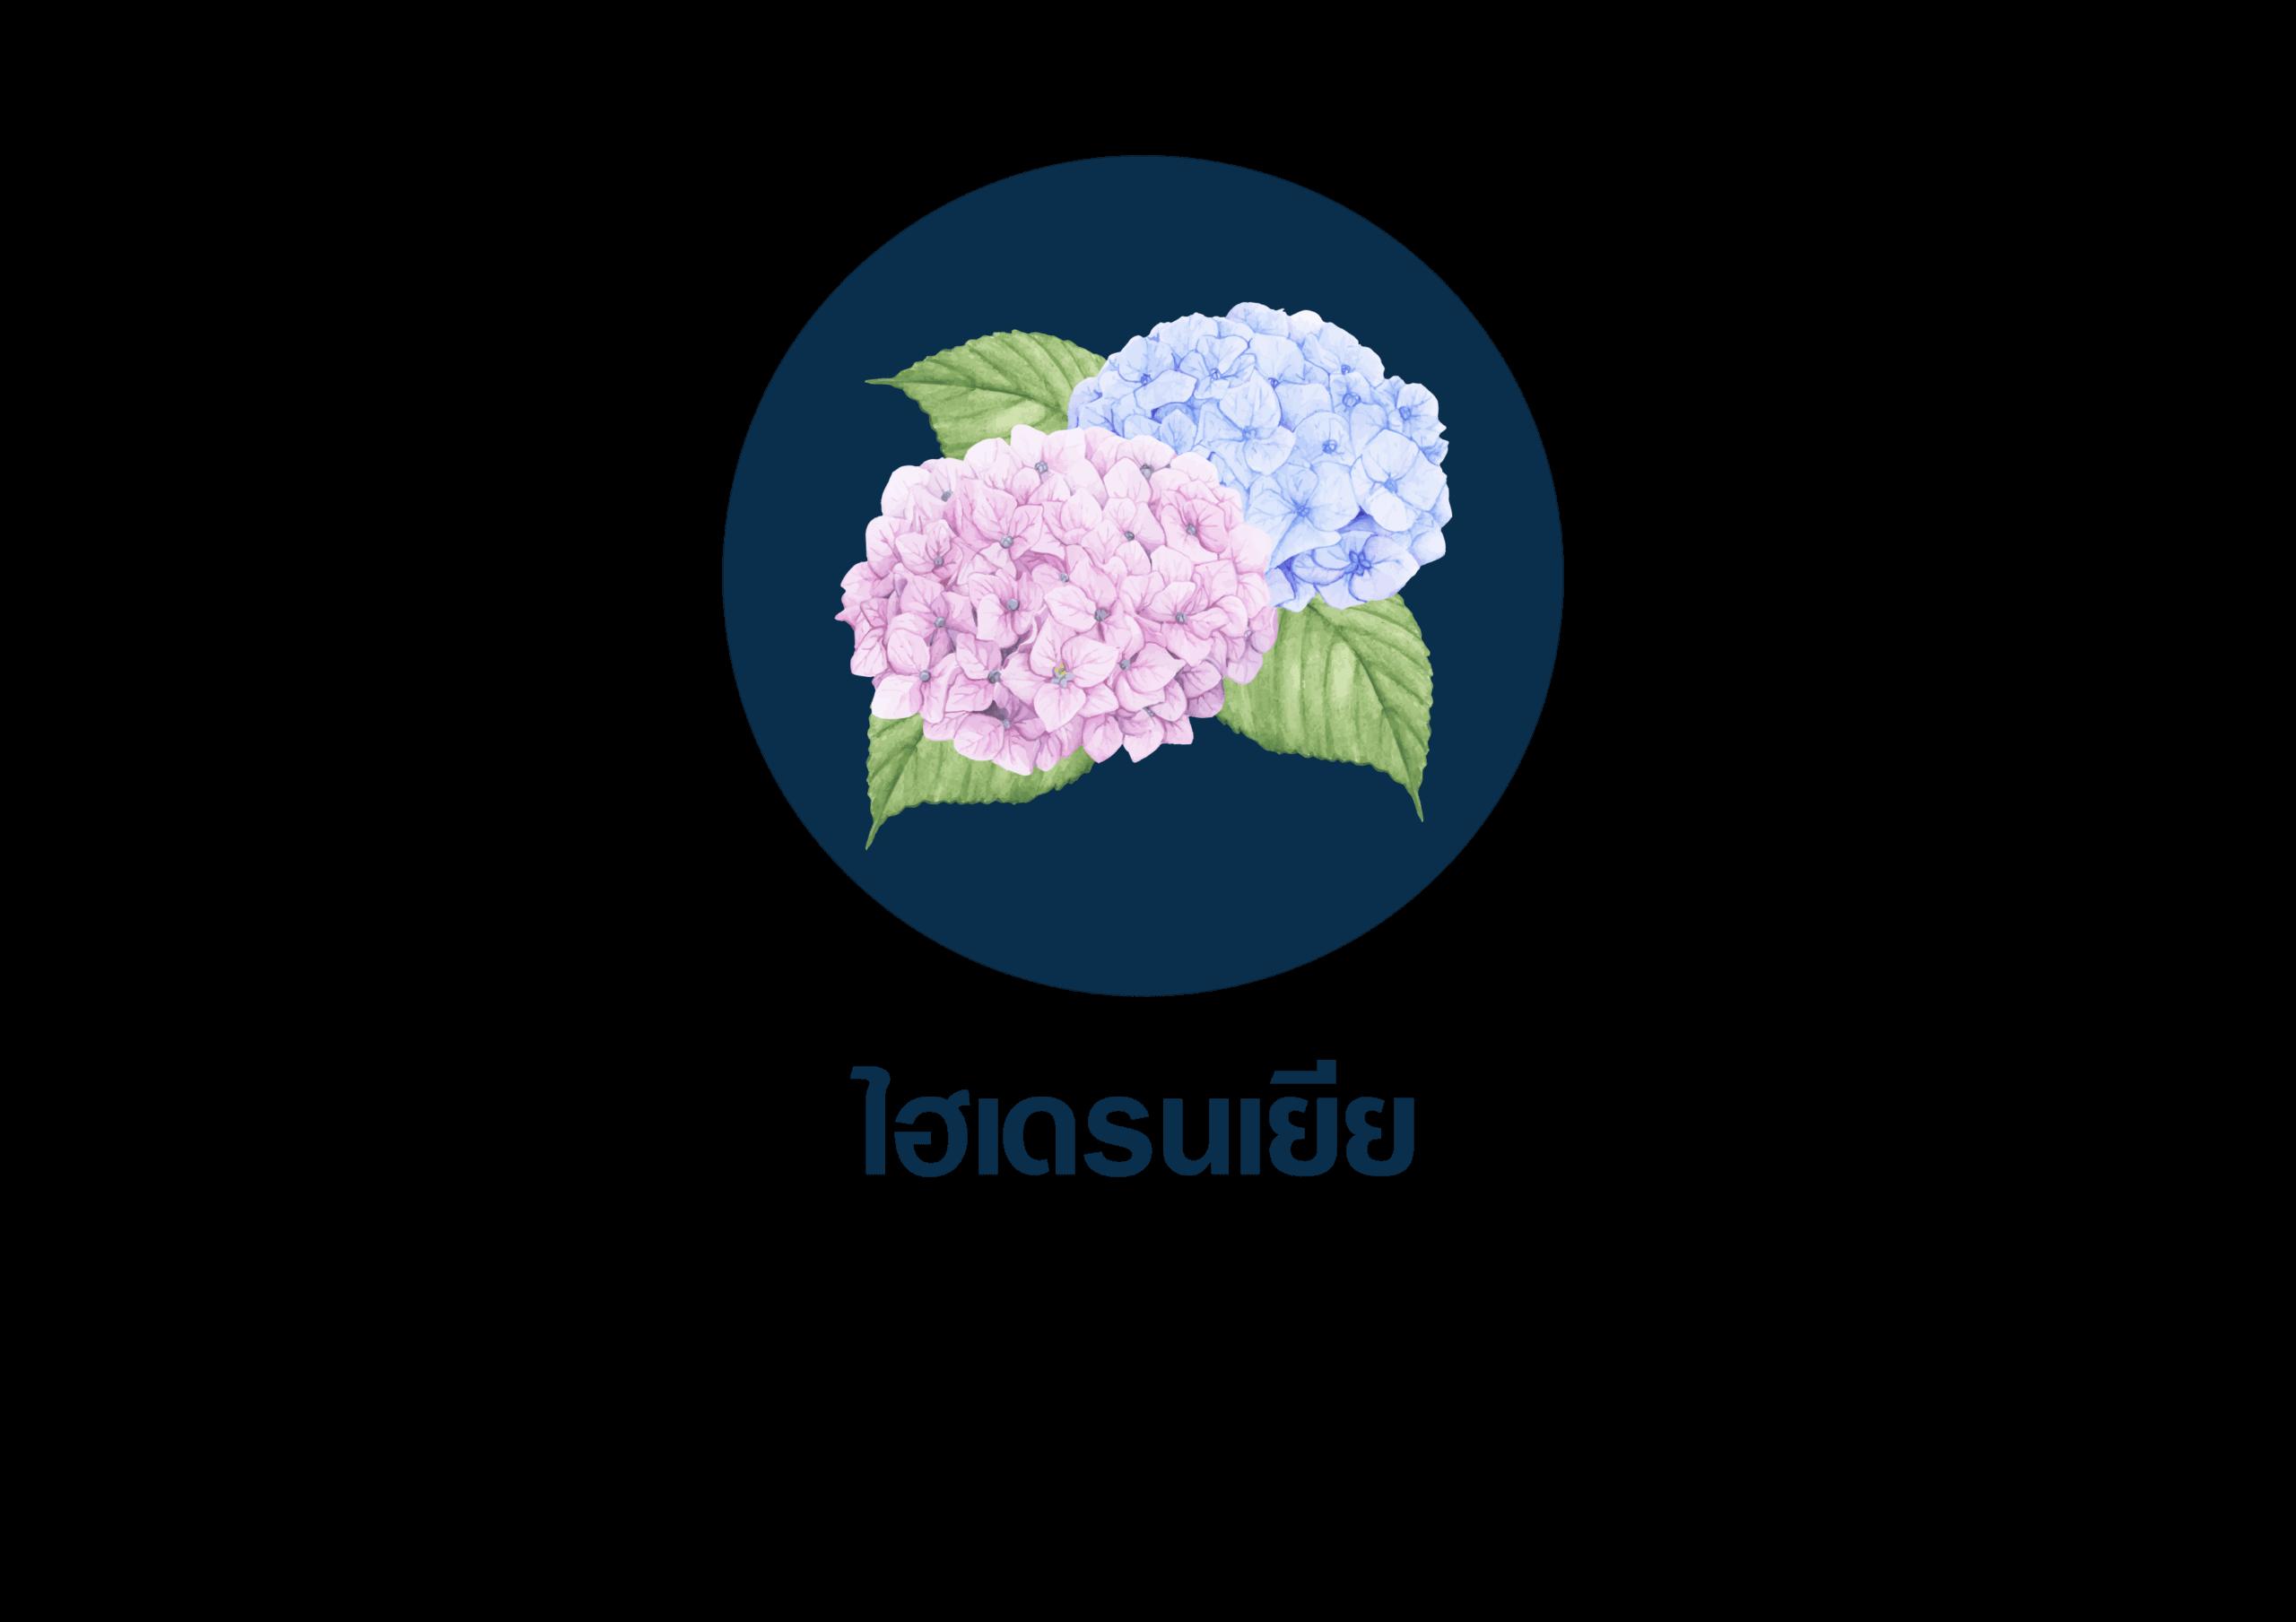 ดอกไม้ที่ใช้สำหรับจัดงานศพ 3